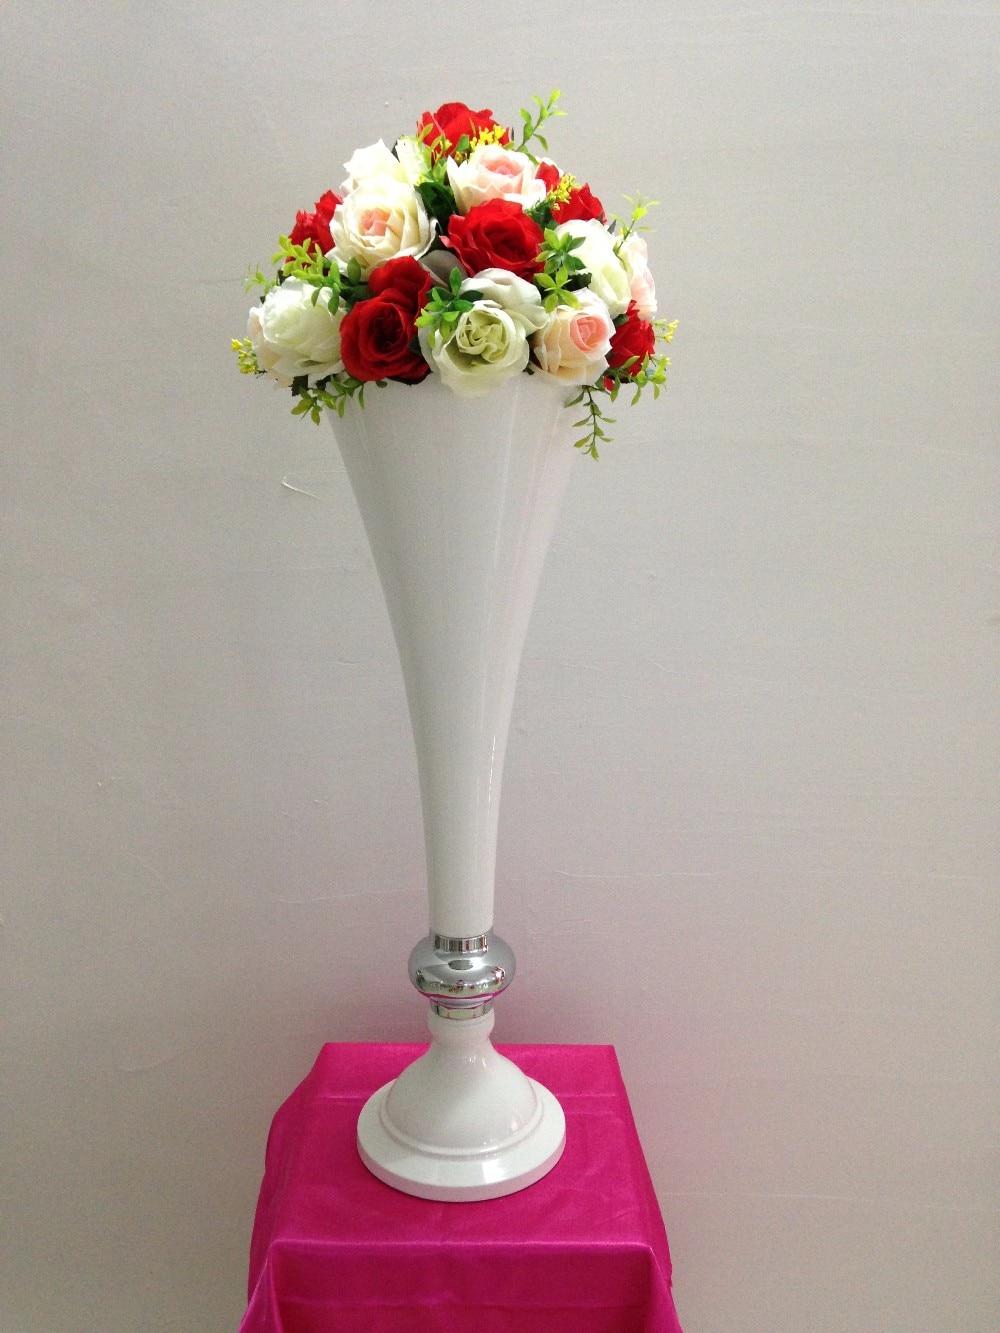 White Metal Flower Vase Wedding Table Centerpiece Wedding Flower